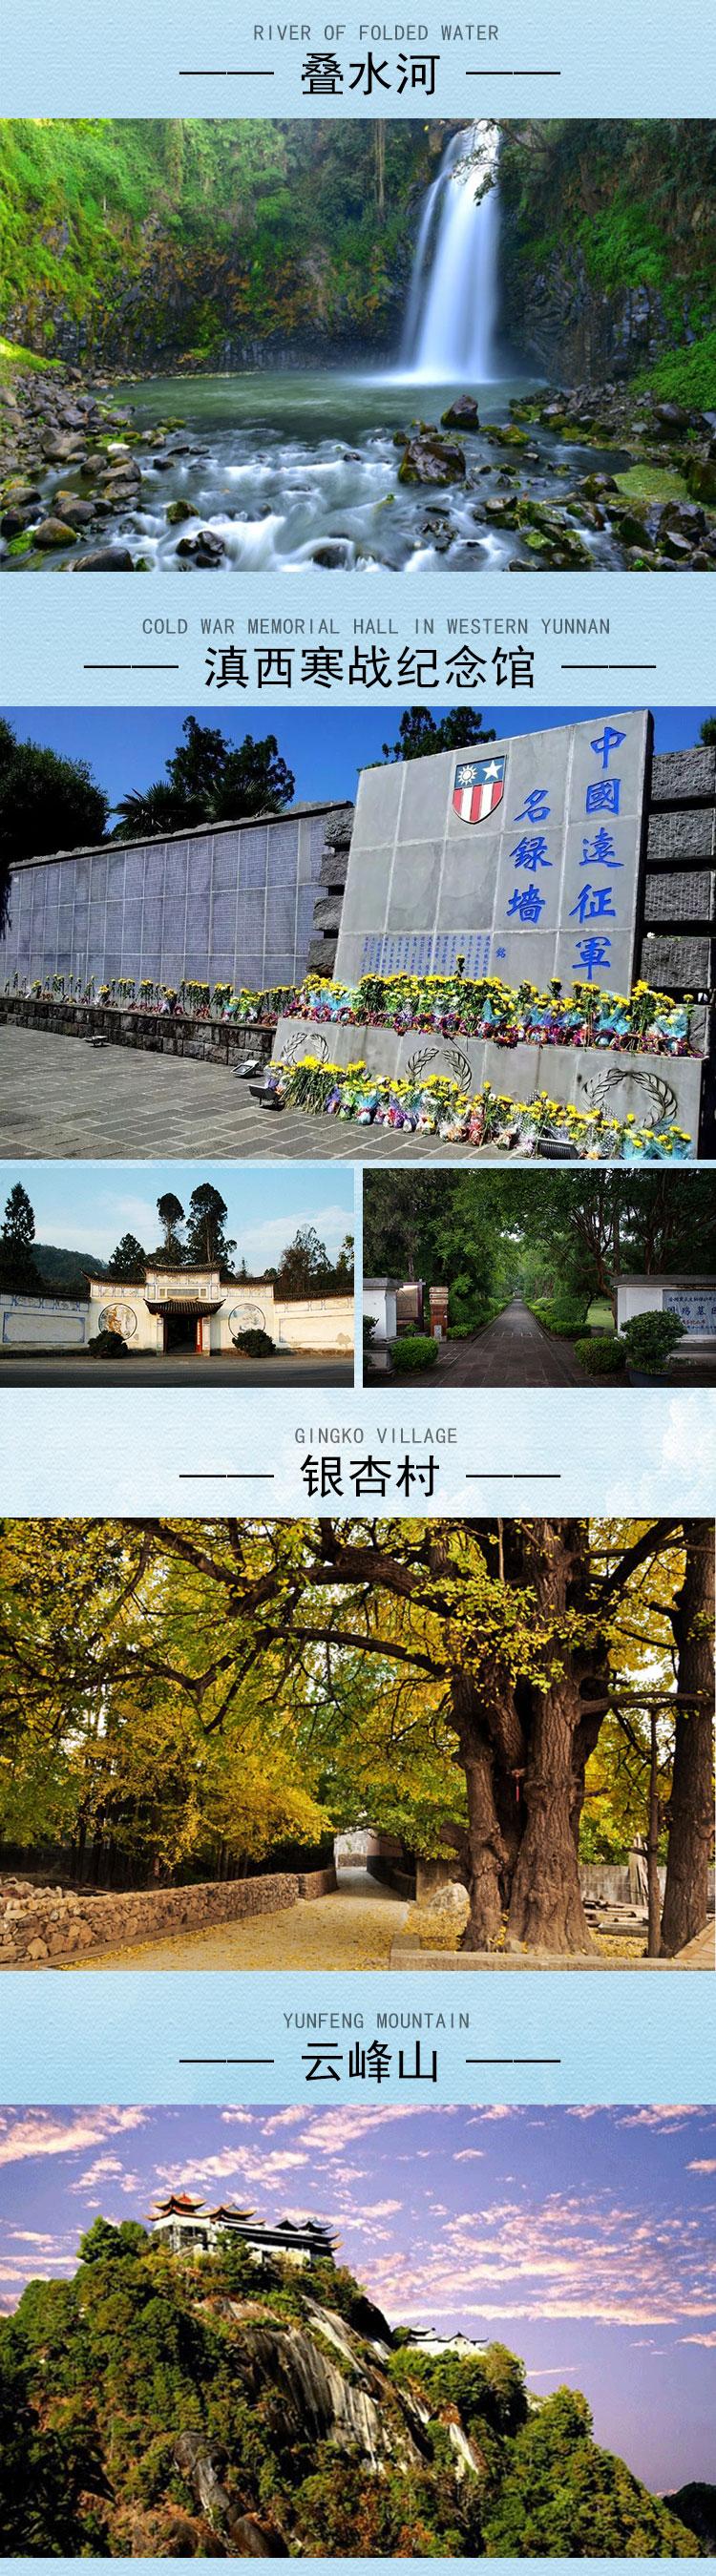 腾冲任选2-3个景点详情页_03